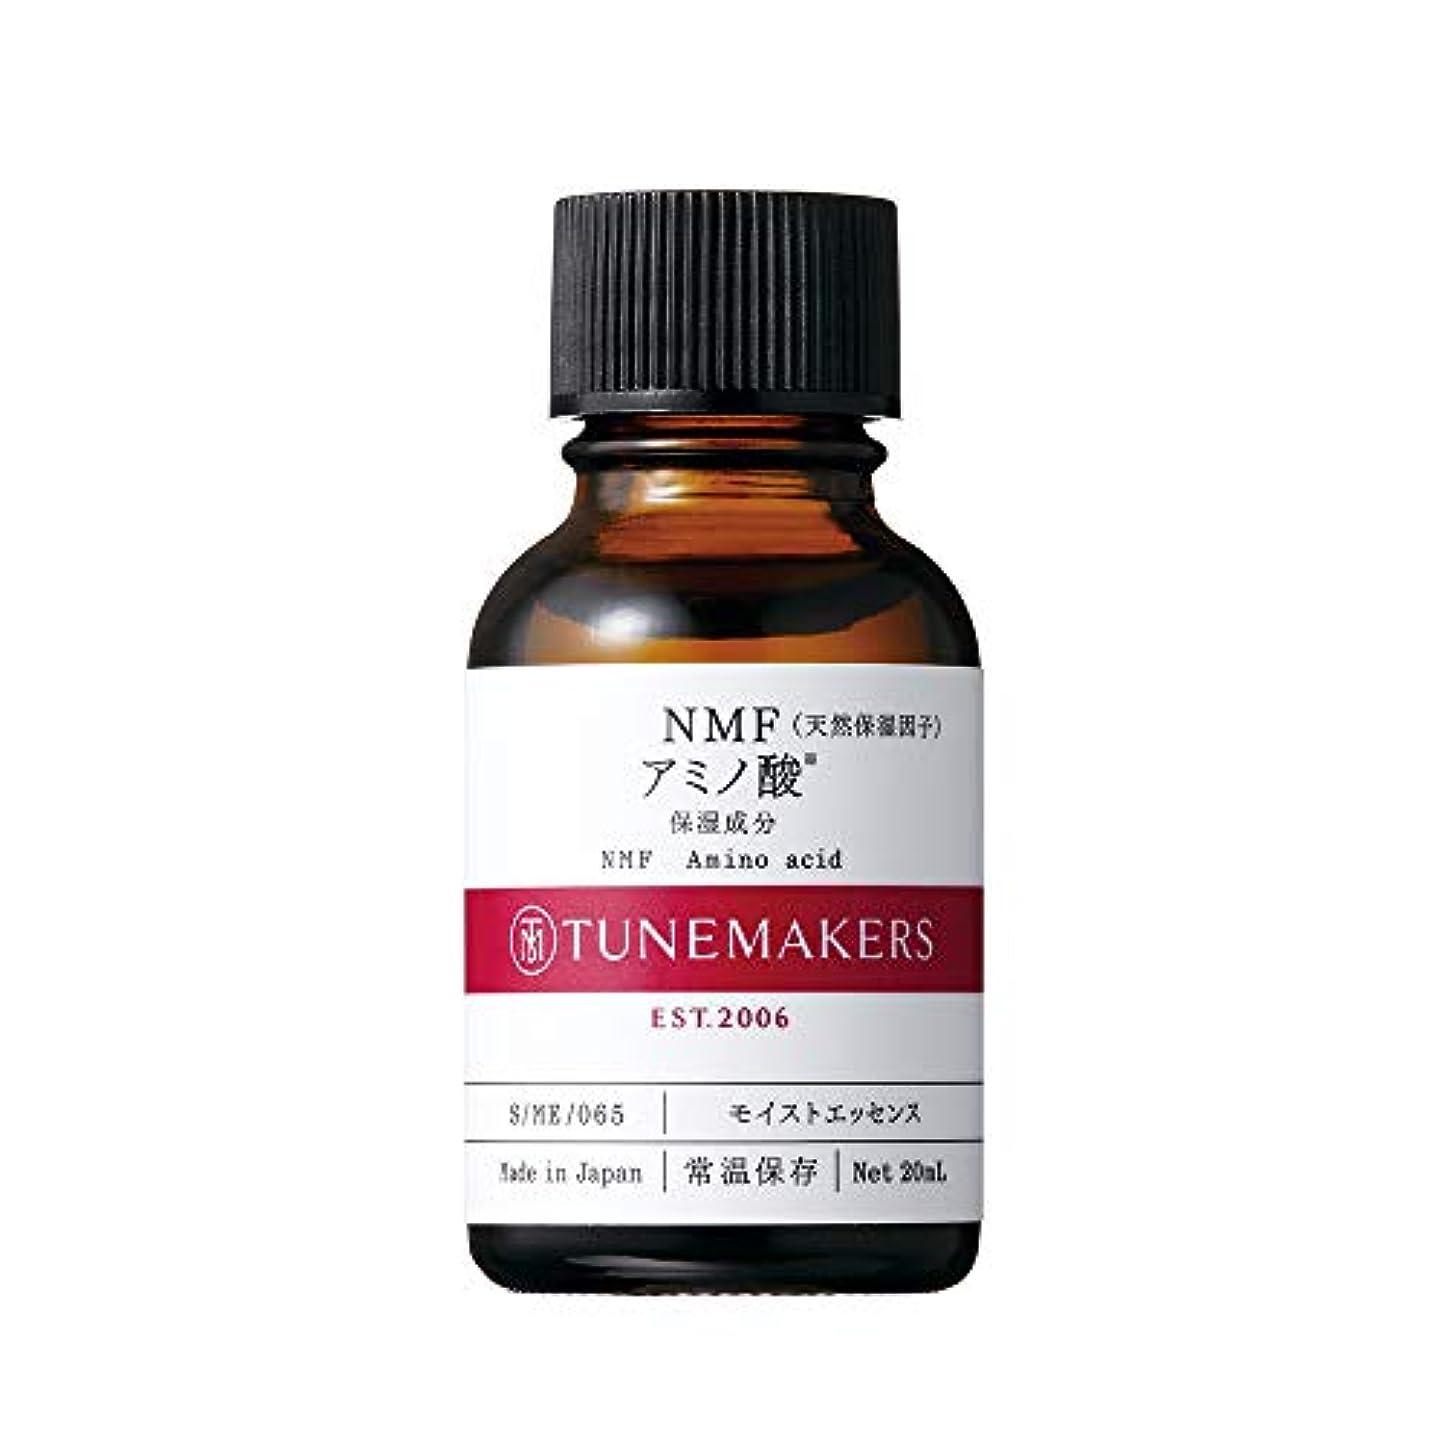 バー蛾胆嚢TUNEMAKERS(チューンメーカーズ) NMF(天然保湿因子) アミノ酸 美容液 20ml